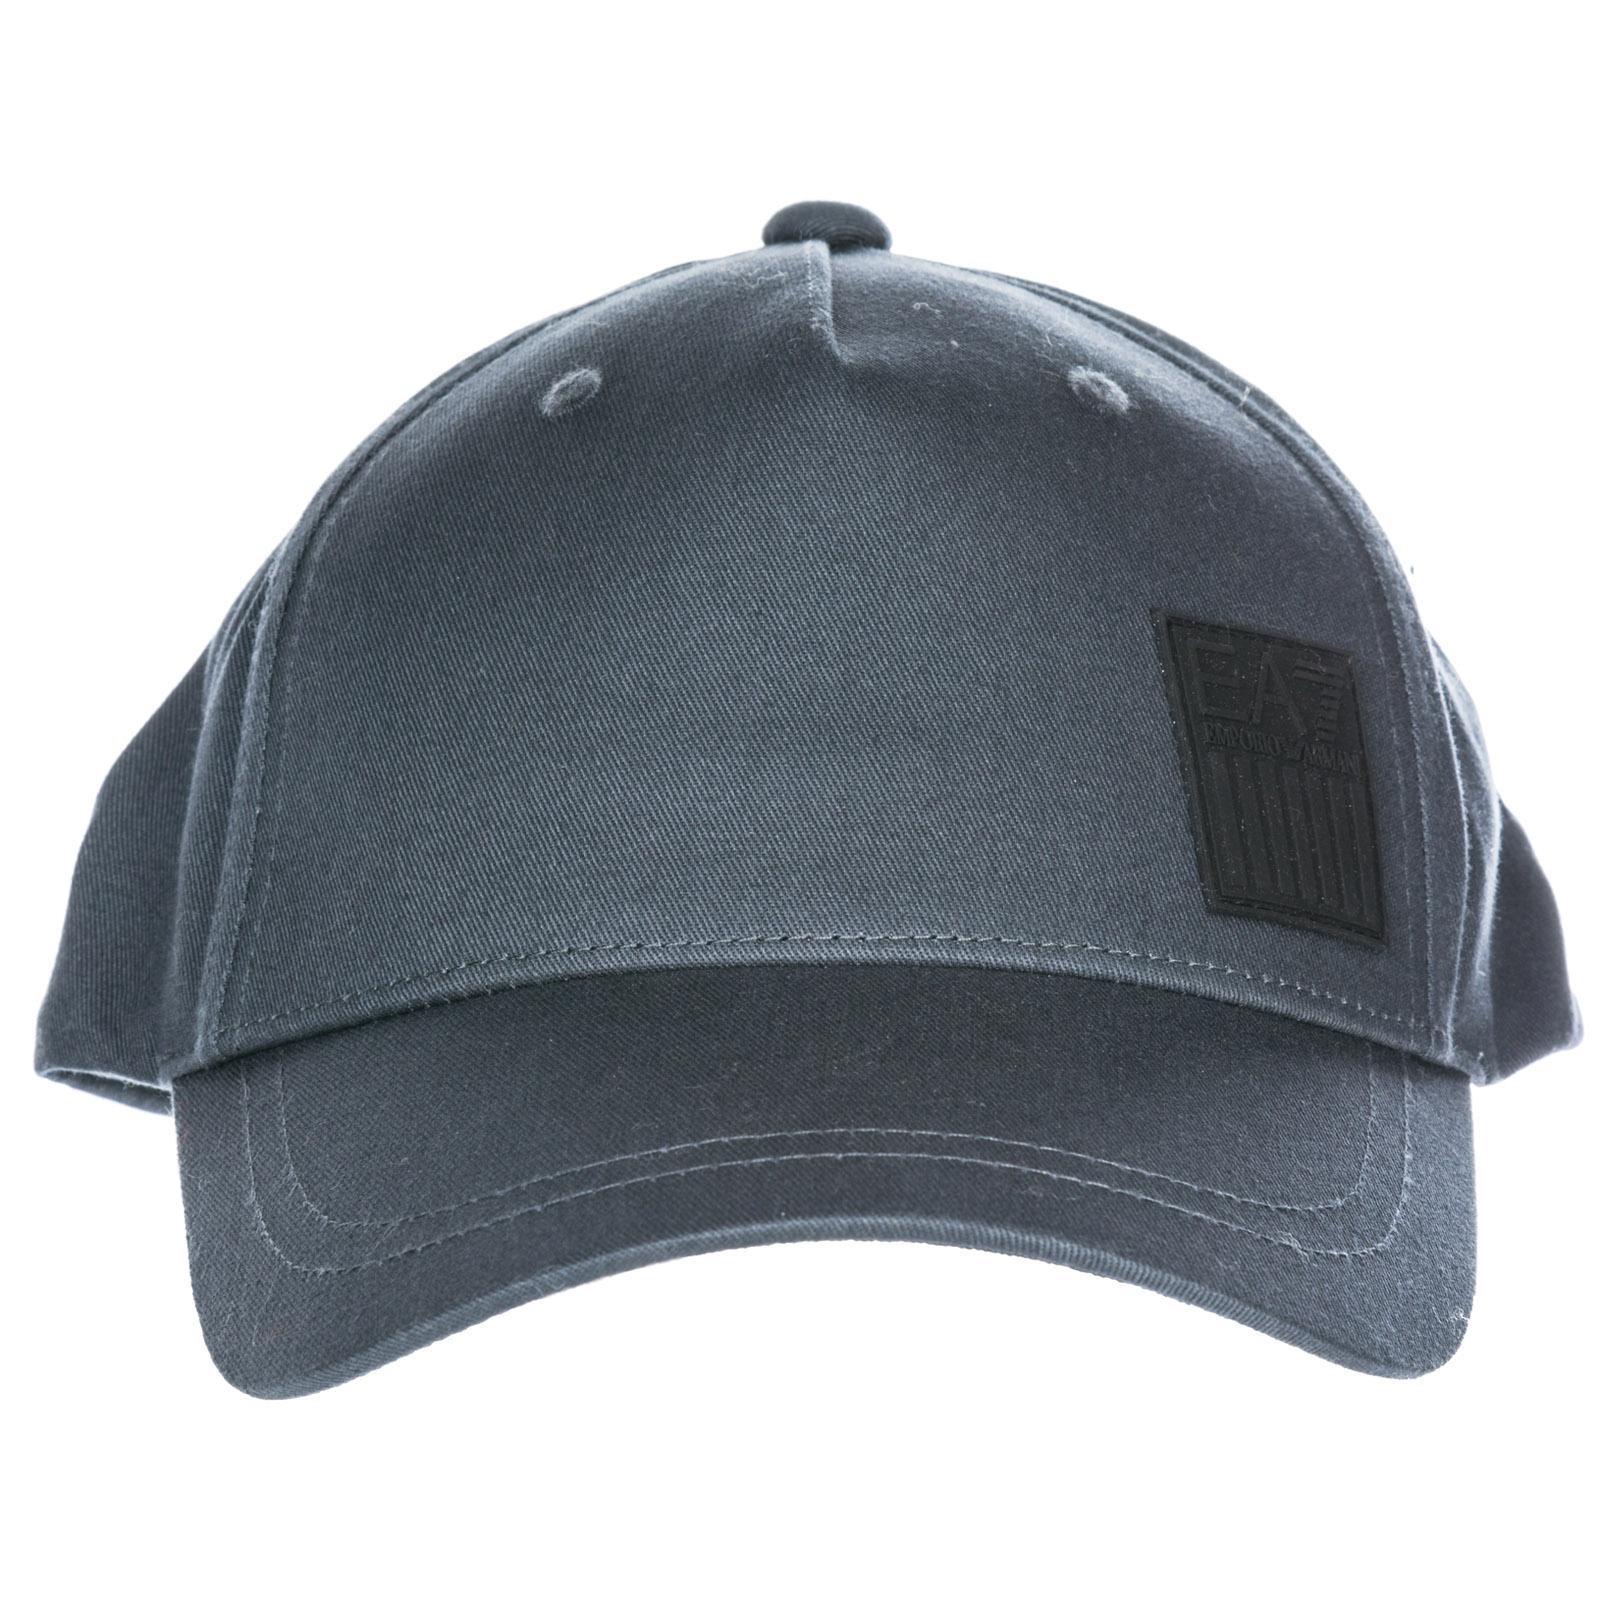 257d125c993e5 Adjustable men s cotton hat baseball cap Adjustable men s cotton hat  baseball ...